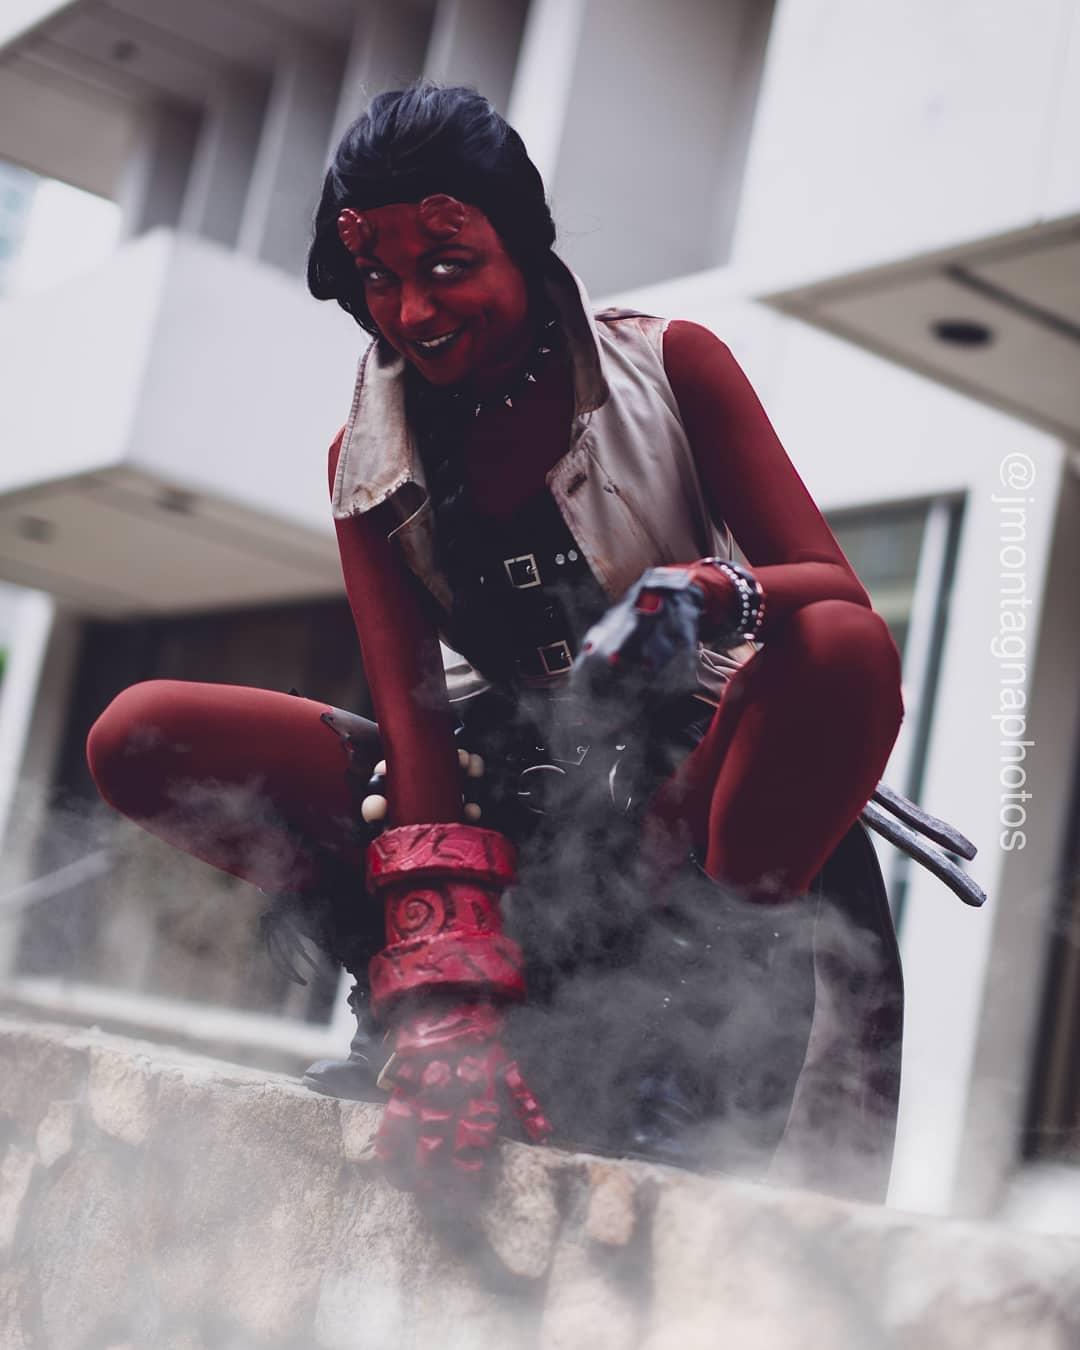 Aerobyn as Hellboy